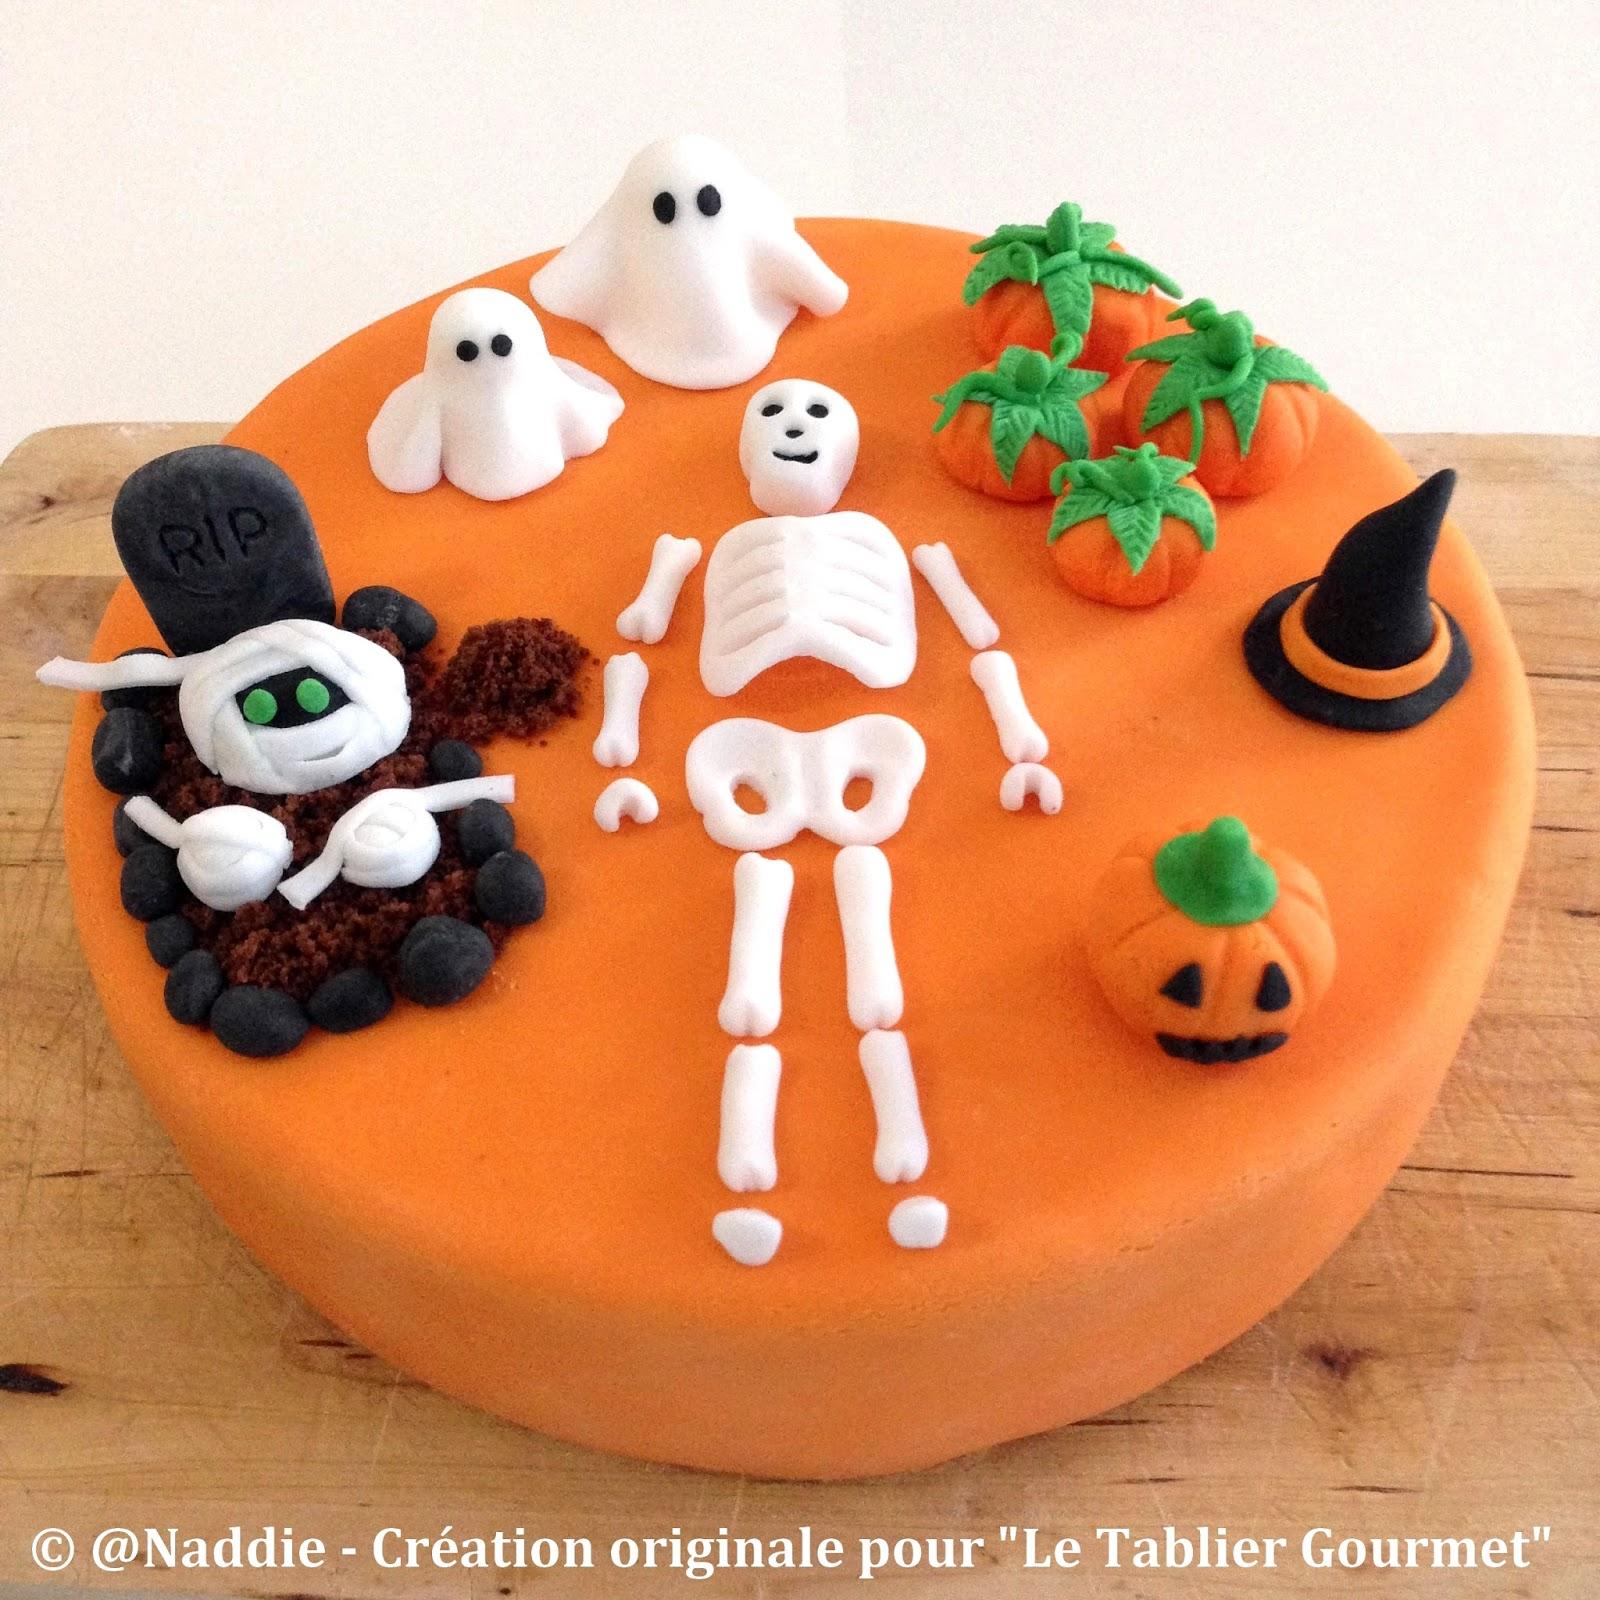 Cours De Cake Design Par Naddie Pour Le Dessert D Halloween Le Terrifiant Gateau Au Chocolat Et Son Coeur De M M S Le Tablier Gourmet